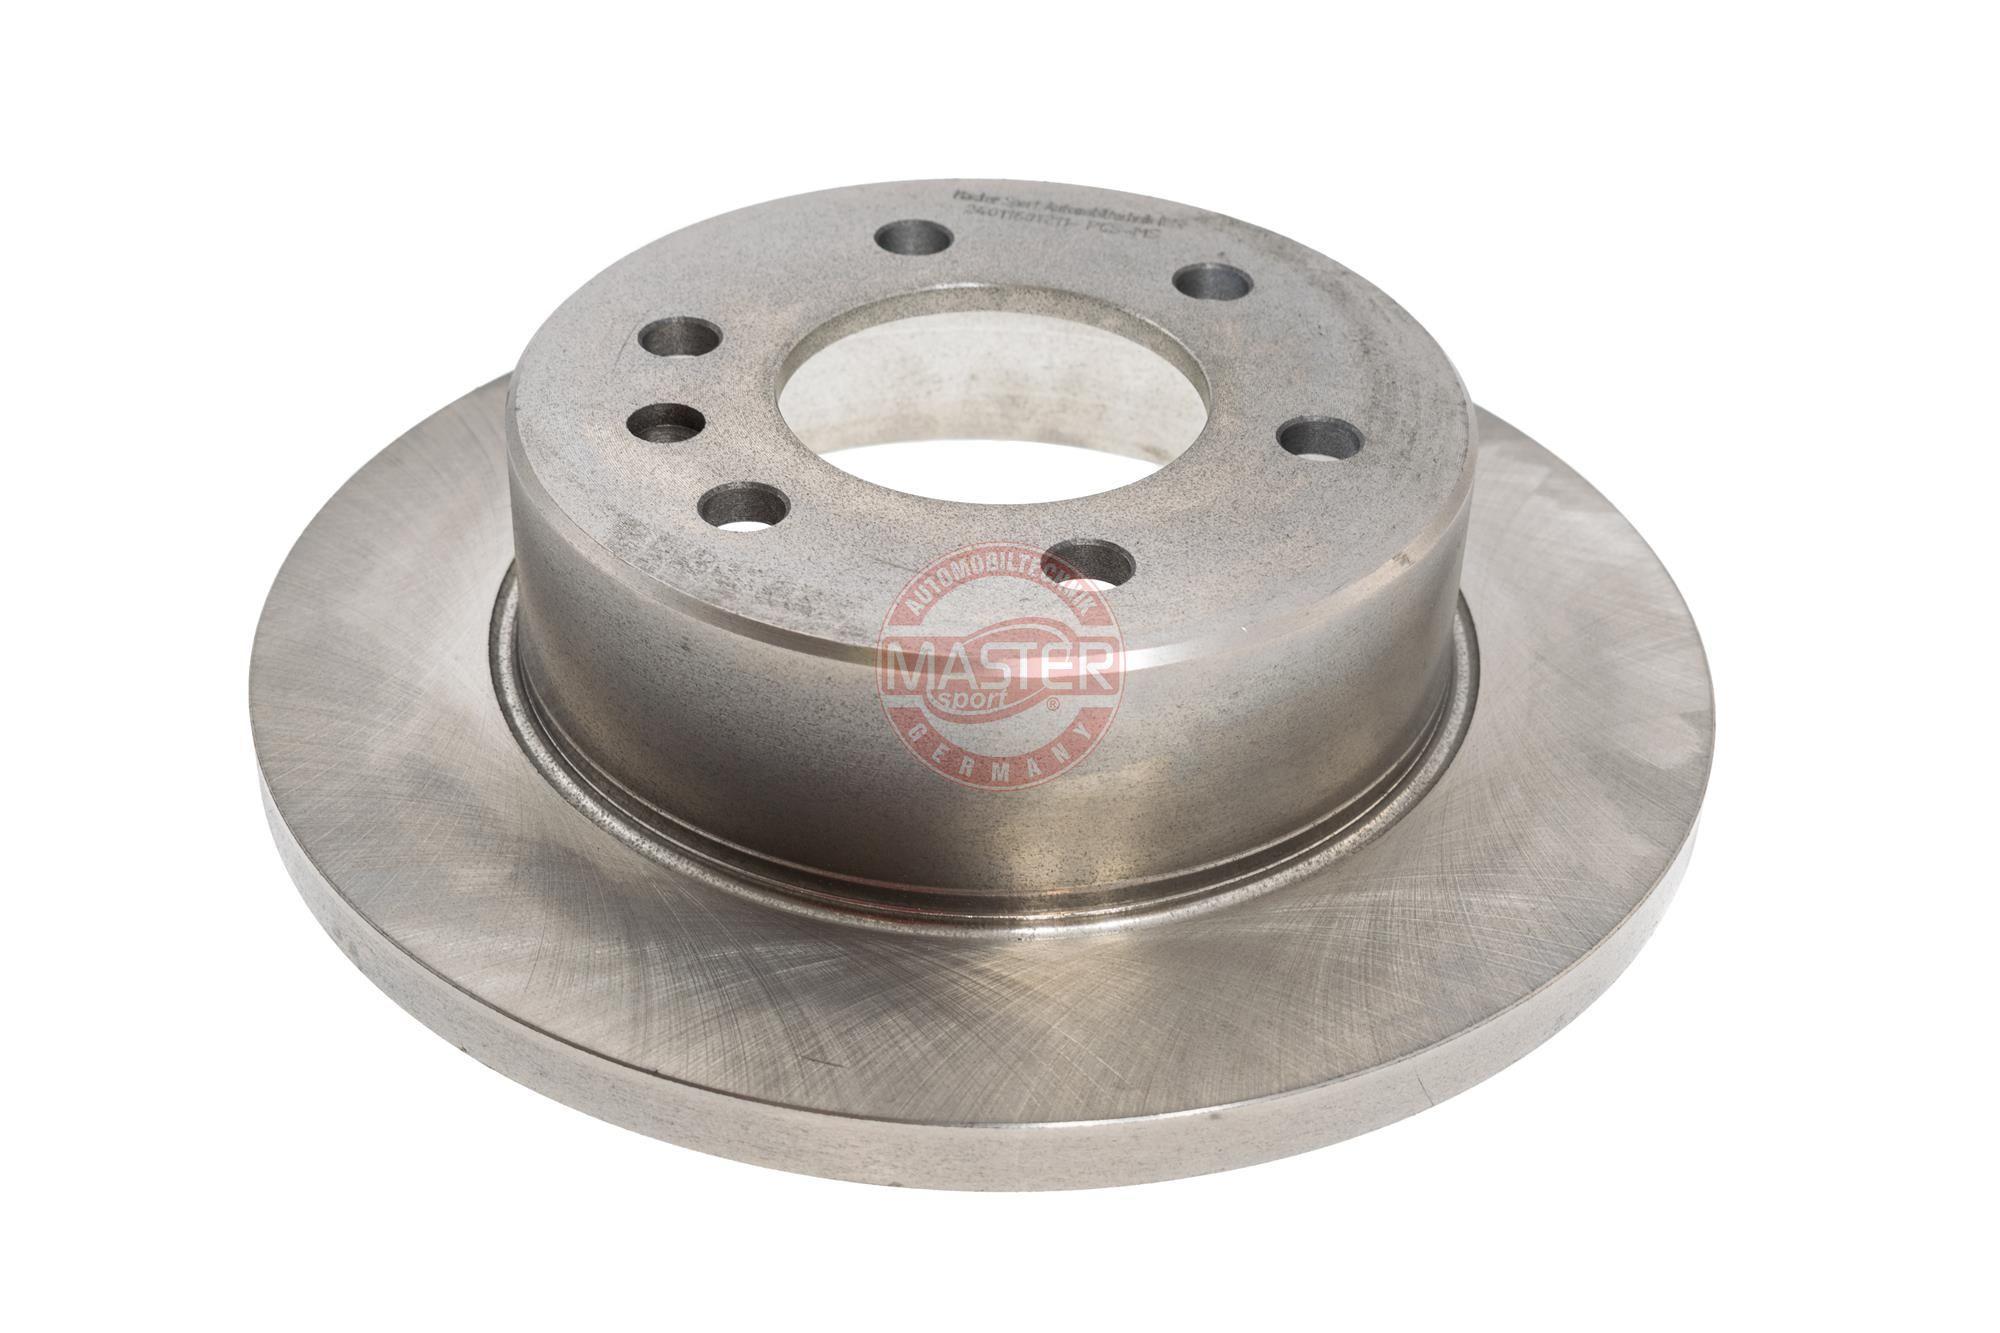 Achetez Disques de frein MASTER-SPORT 24011601211-PCS-MS (Ø: 298mm, Nbre de trous: 6, Épaisseur du disque de frein: 16,0mm) à un rapport qualité-prix exceptionnel